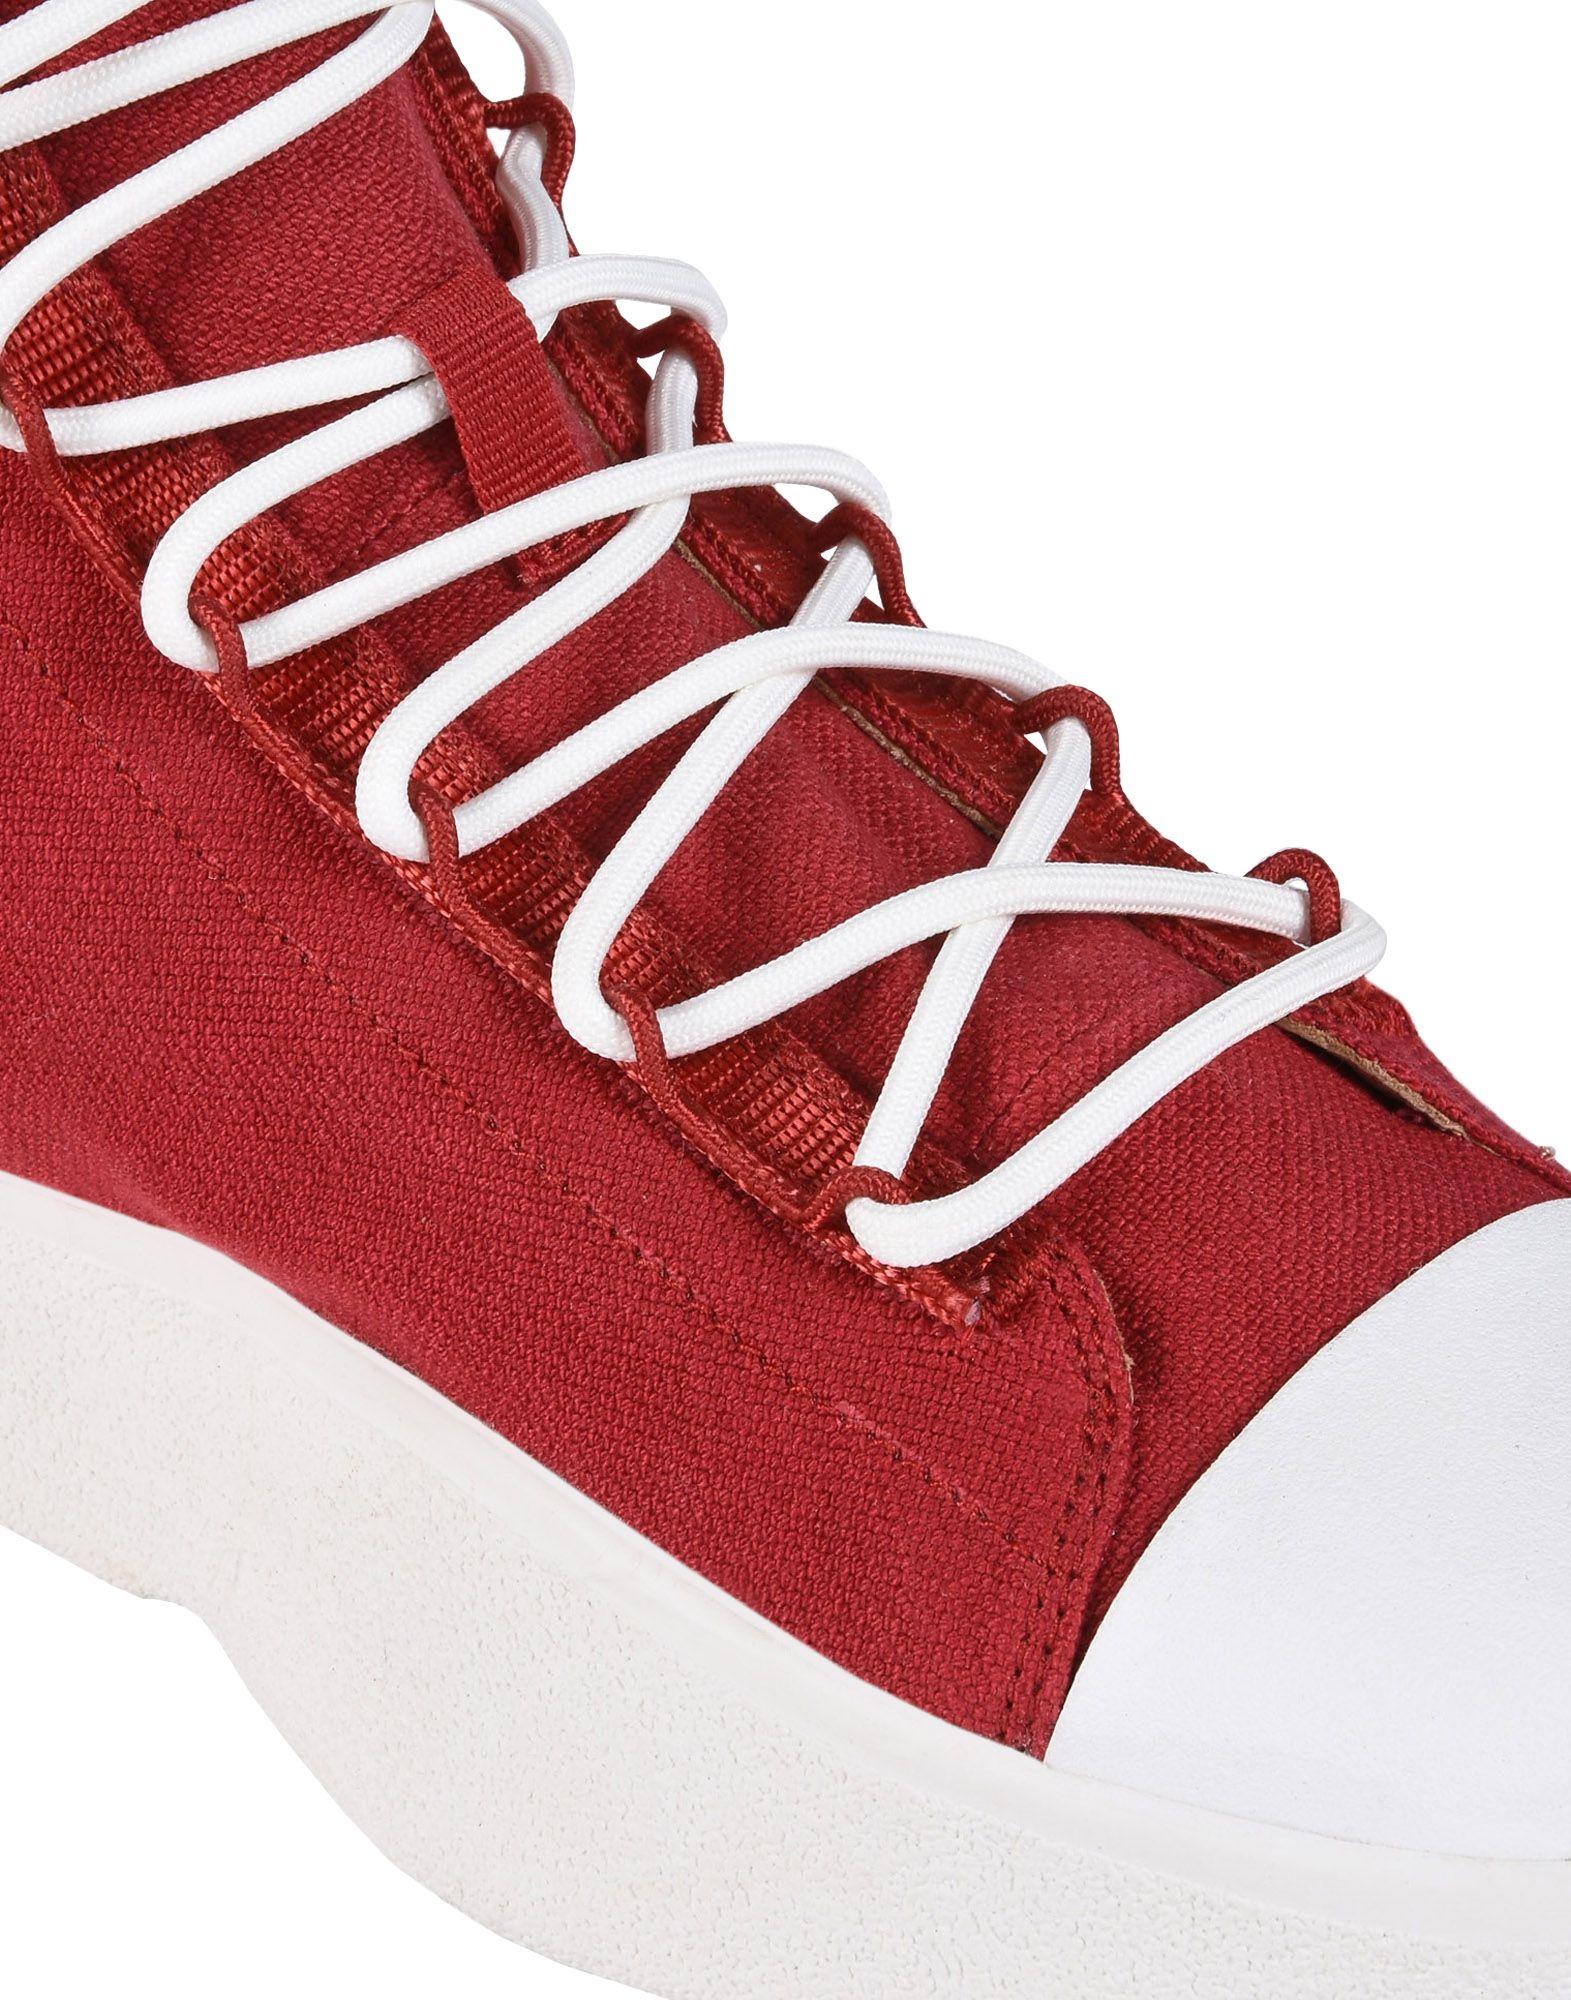 Y-3 BASHYO Shoes unisex Y-3 adidas